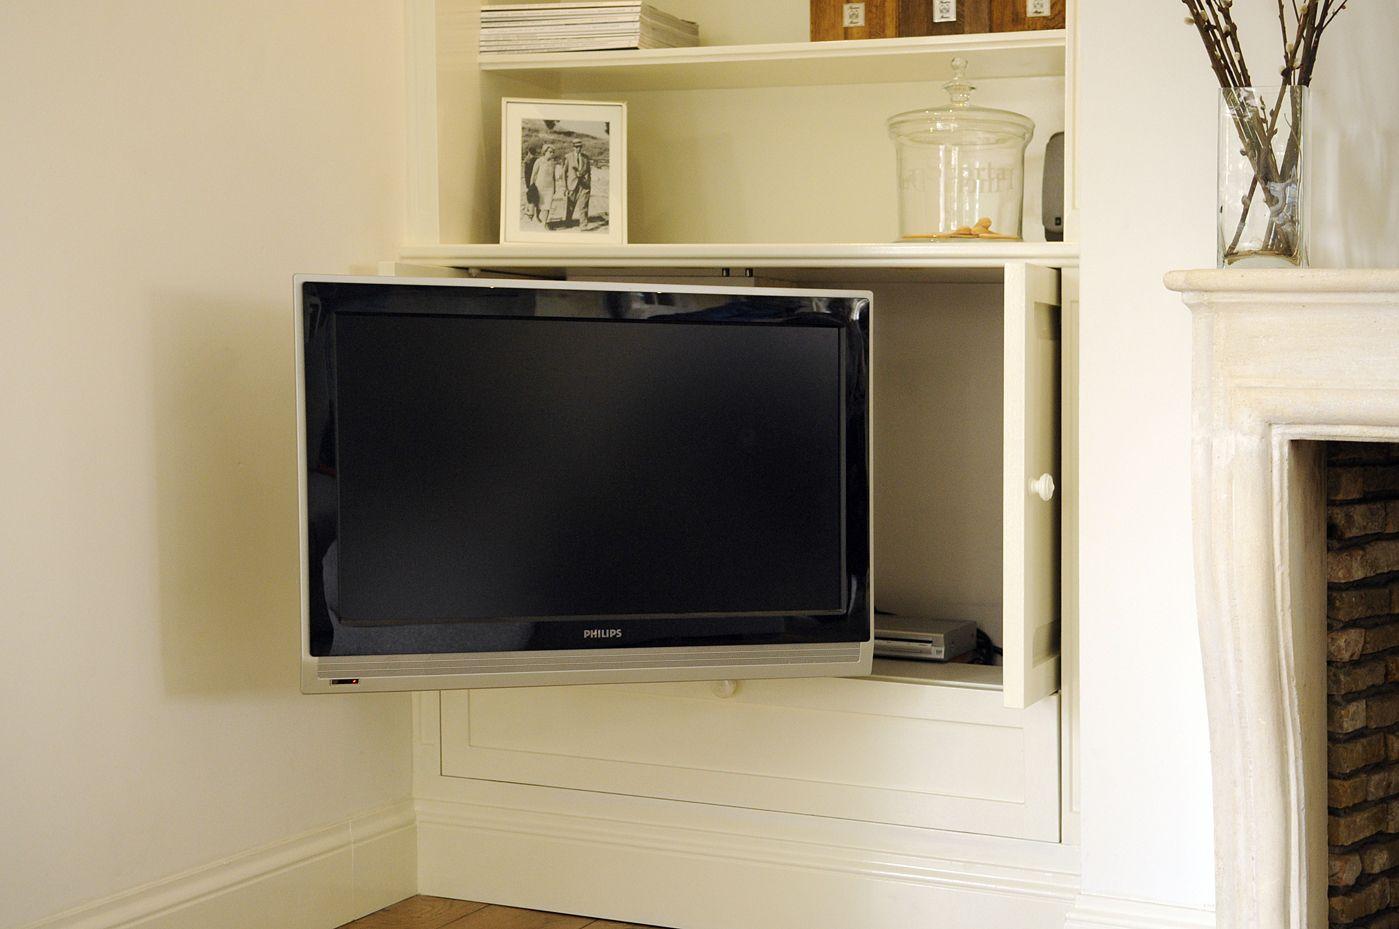 Inbouwkasten in klassieke stijl - Haard, Tv en Kast